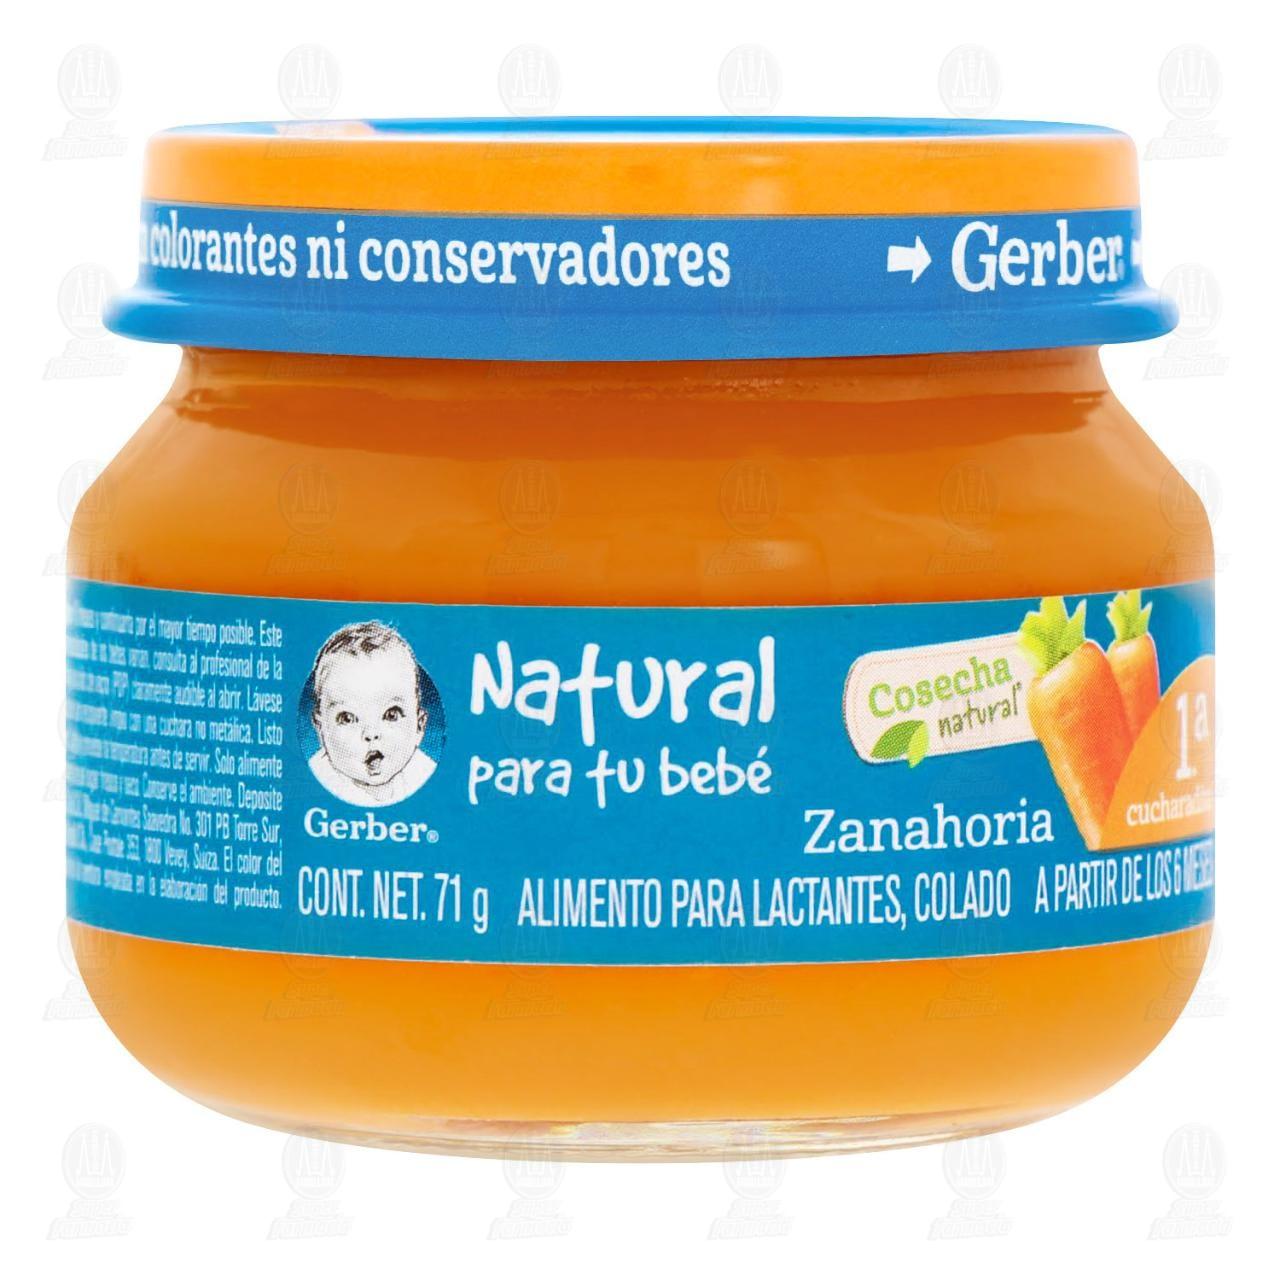 comprar https://www.movil.farmaciasguadalajara.com/wcsstore/FGCAS/wcs/products/401471_A_1280_AL.jpg en farmacias guadalajara